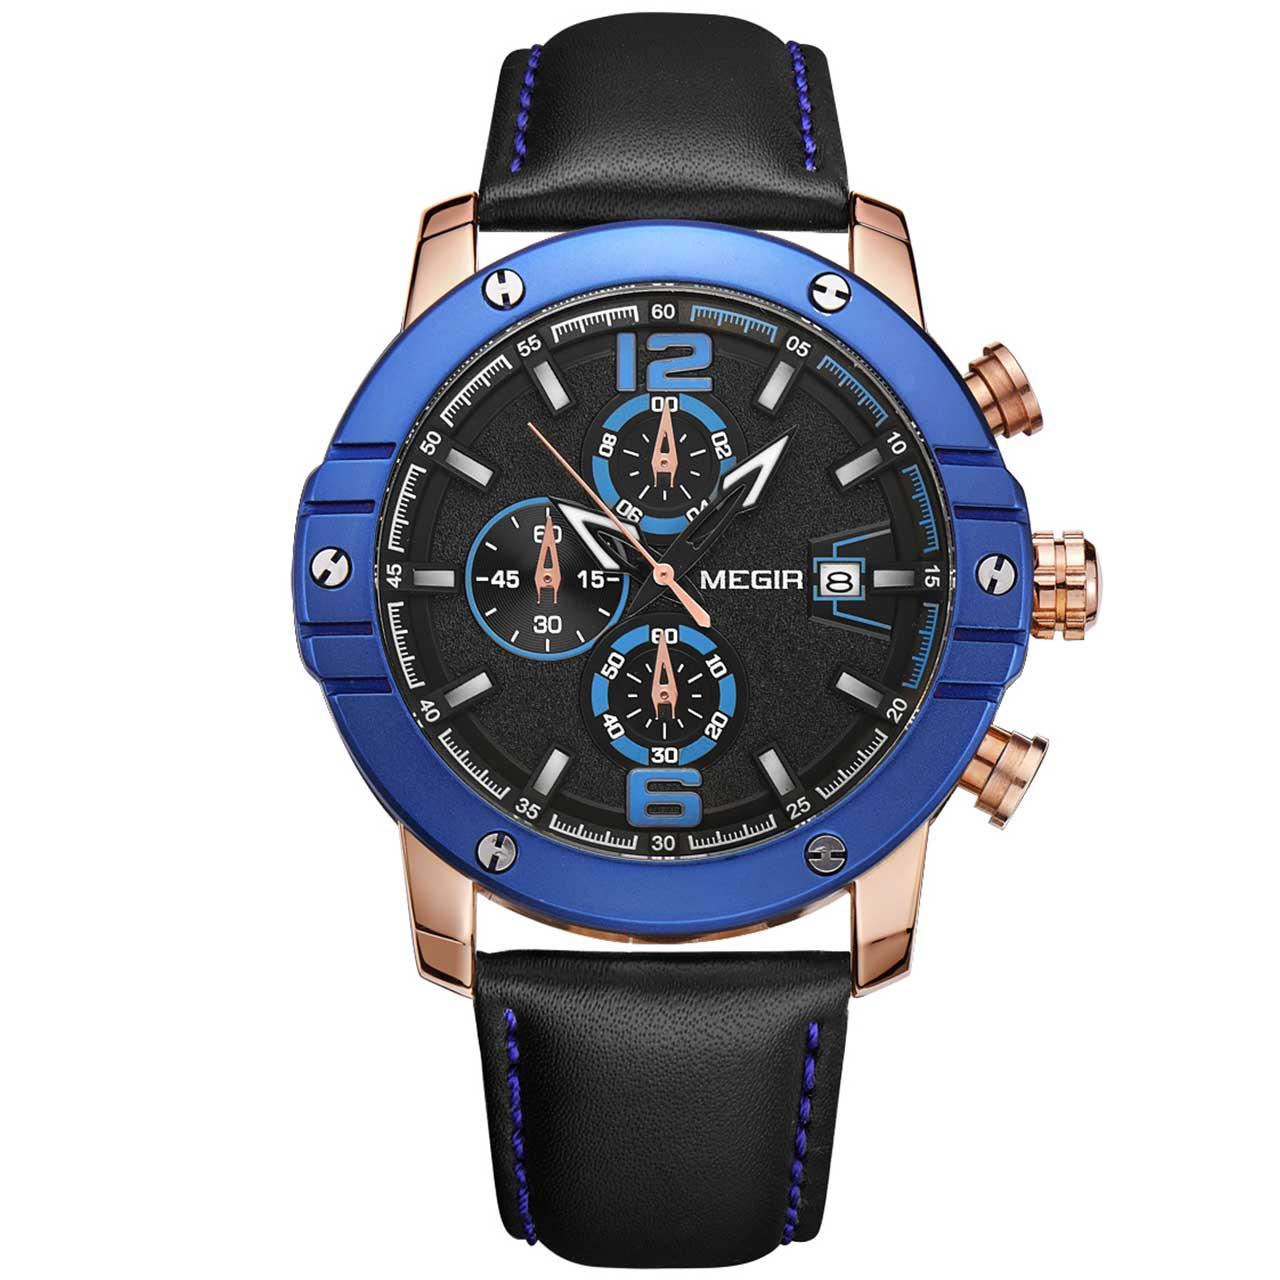 ساعت مچی عقربه ای مردانه مگیر مدل ML2046GREBK-1N2